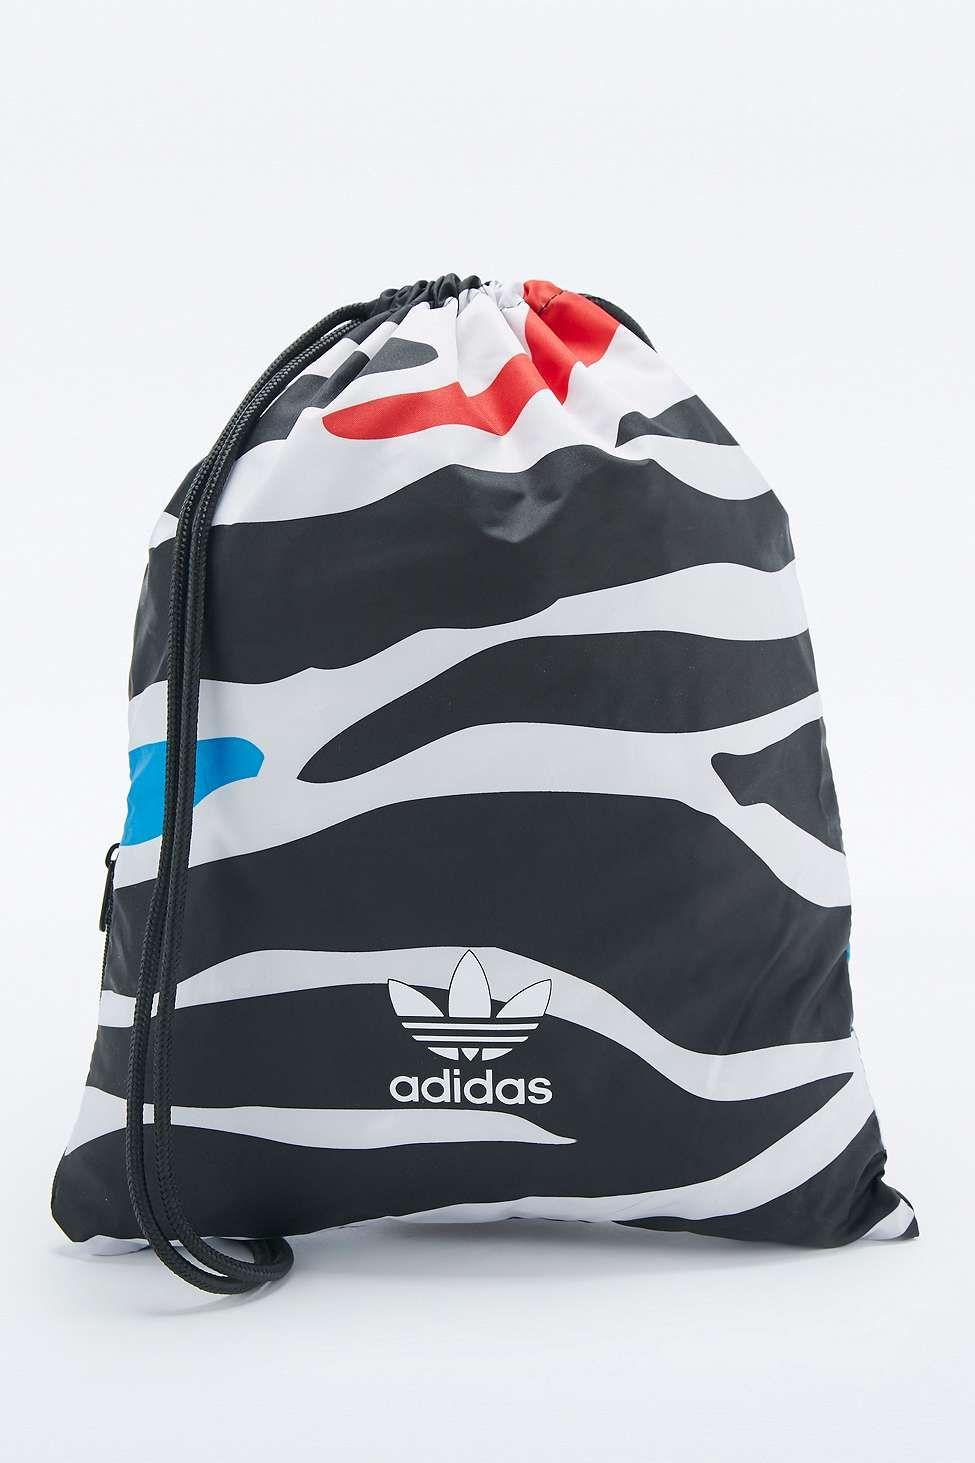 Adidas Gymsack Originali Zebra Impronta Cordoncino Gymsack Adidas Diretto 70673b